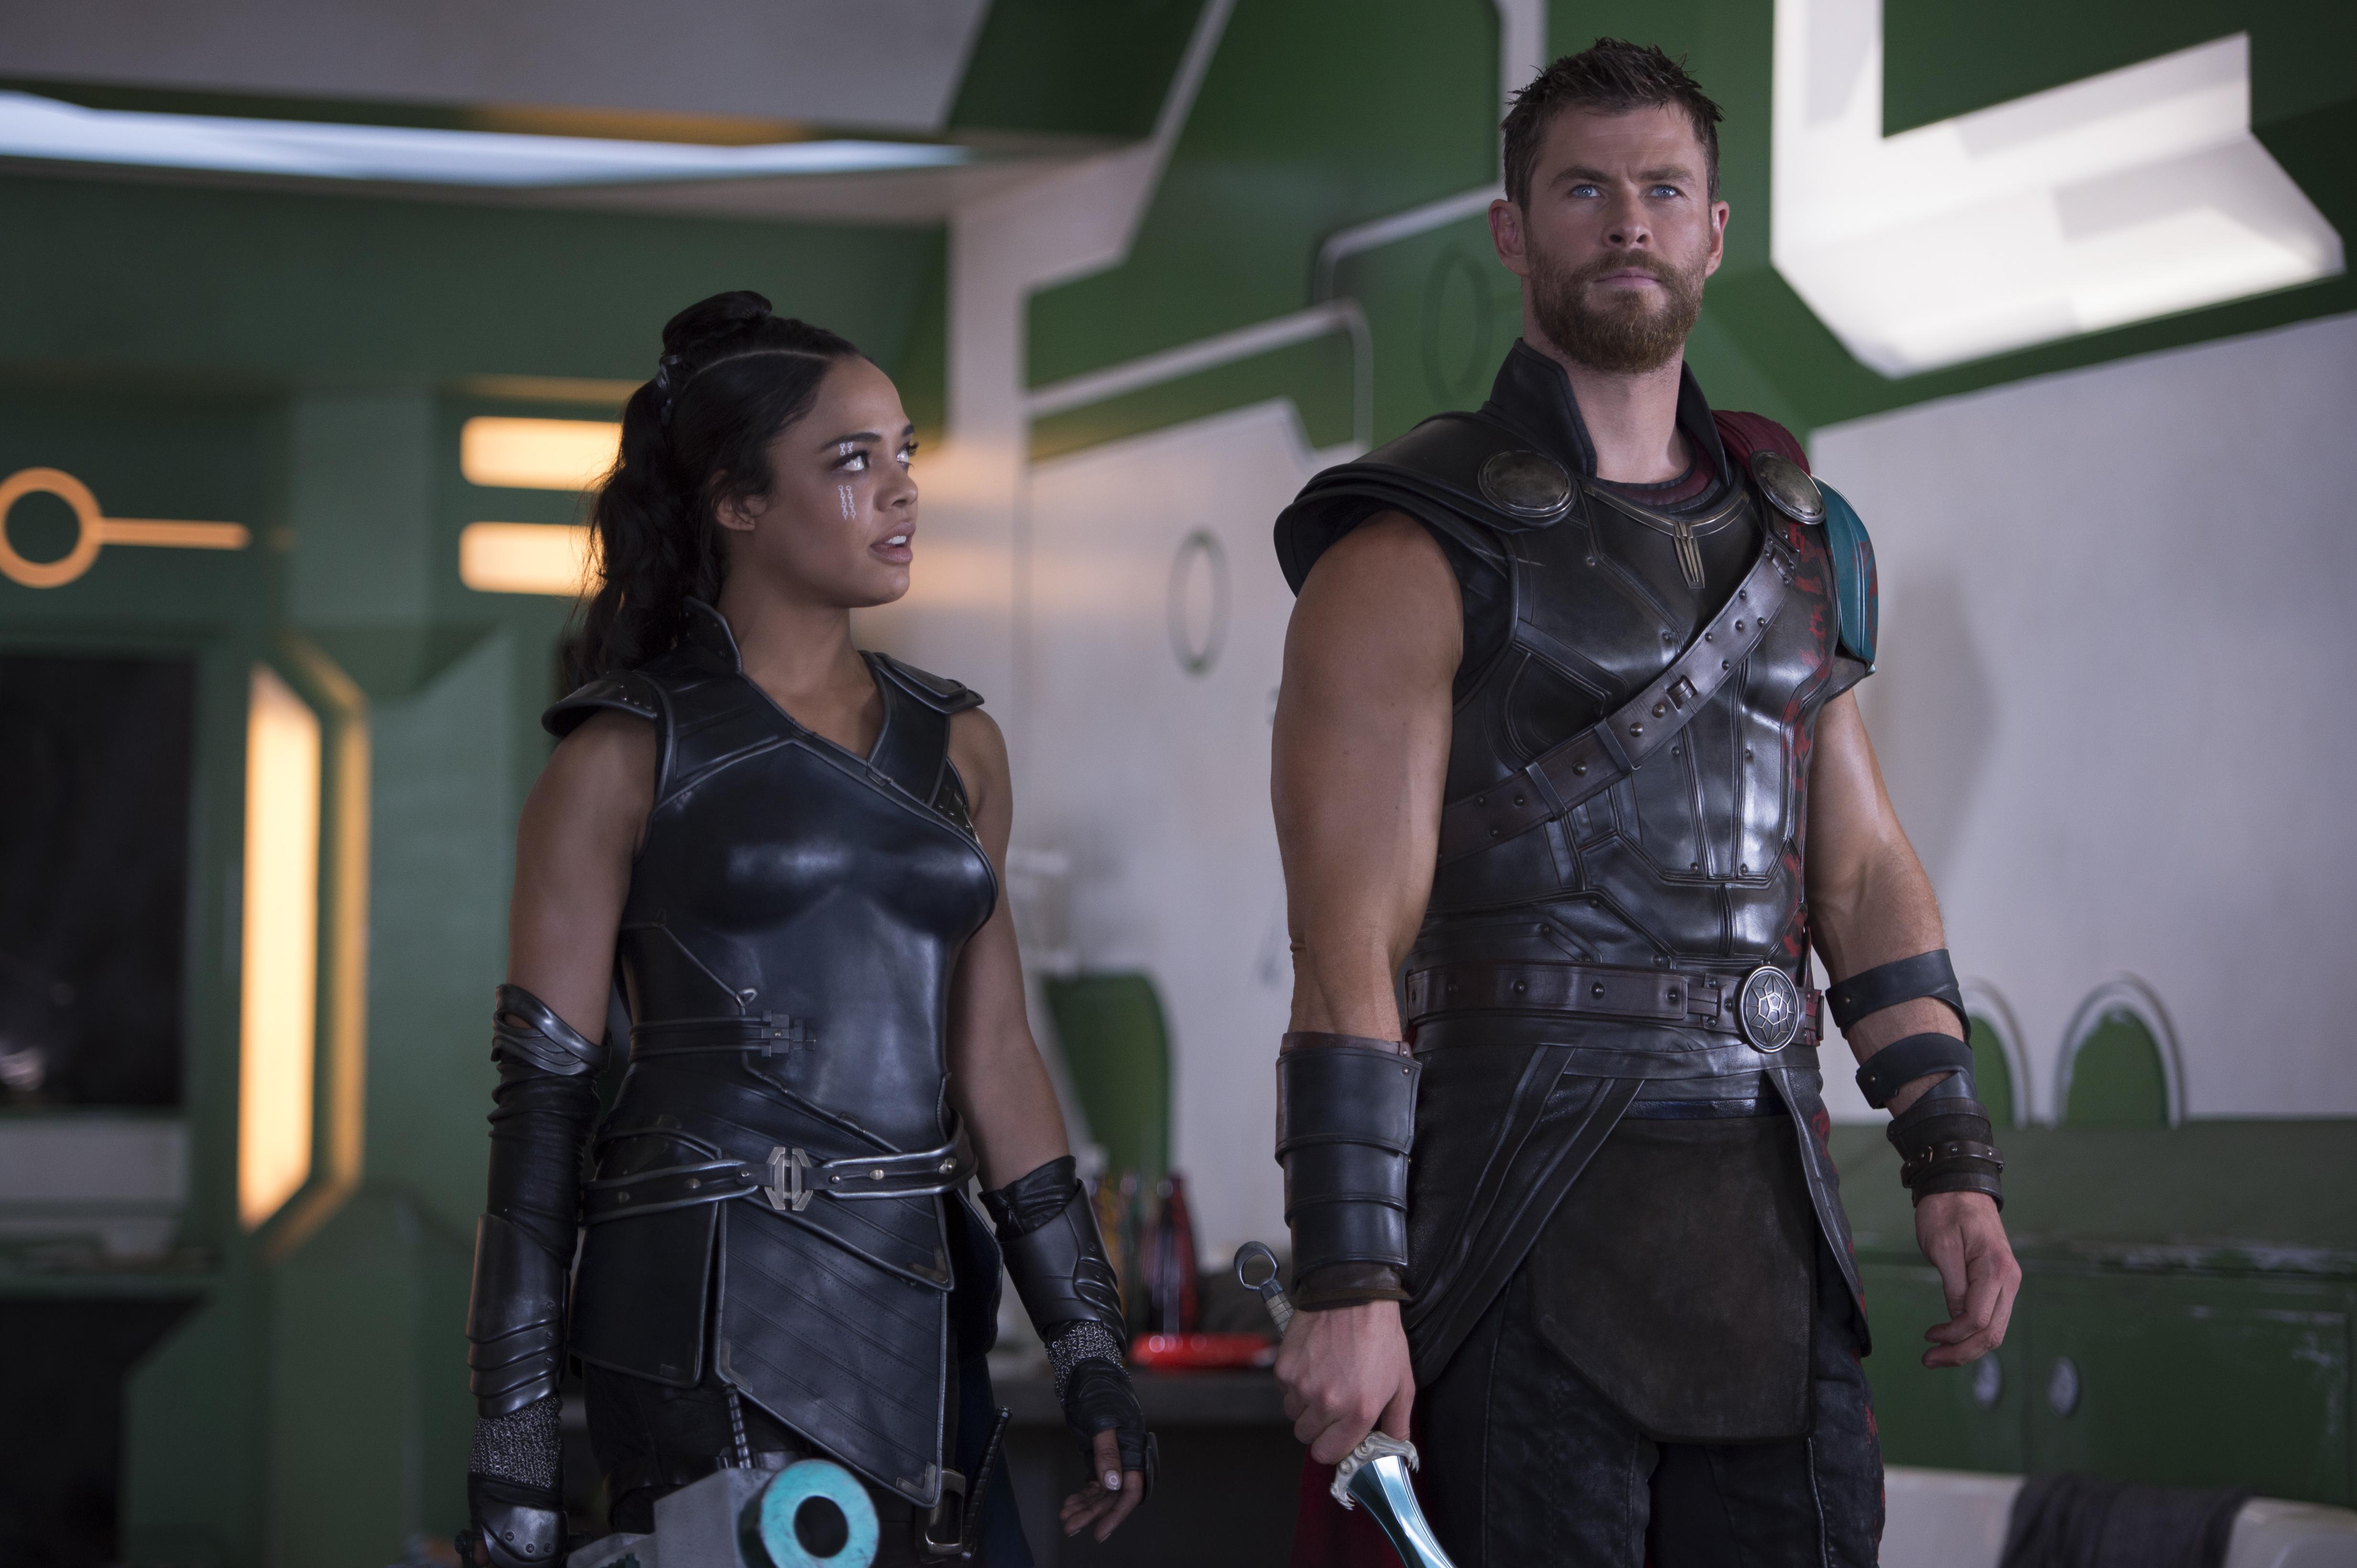 Marvel Studios' 'Thor: Ragnarok'—New Teaser Released